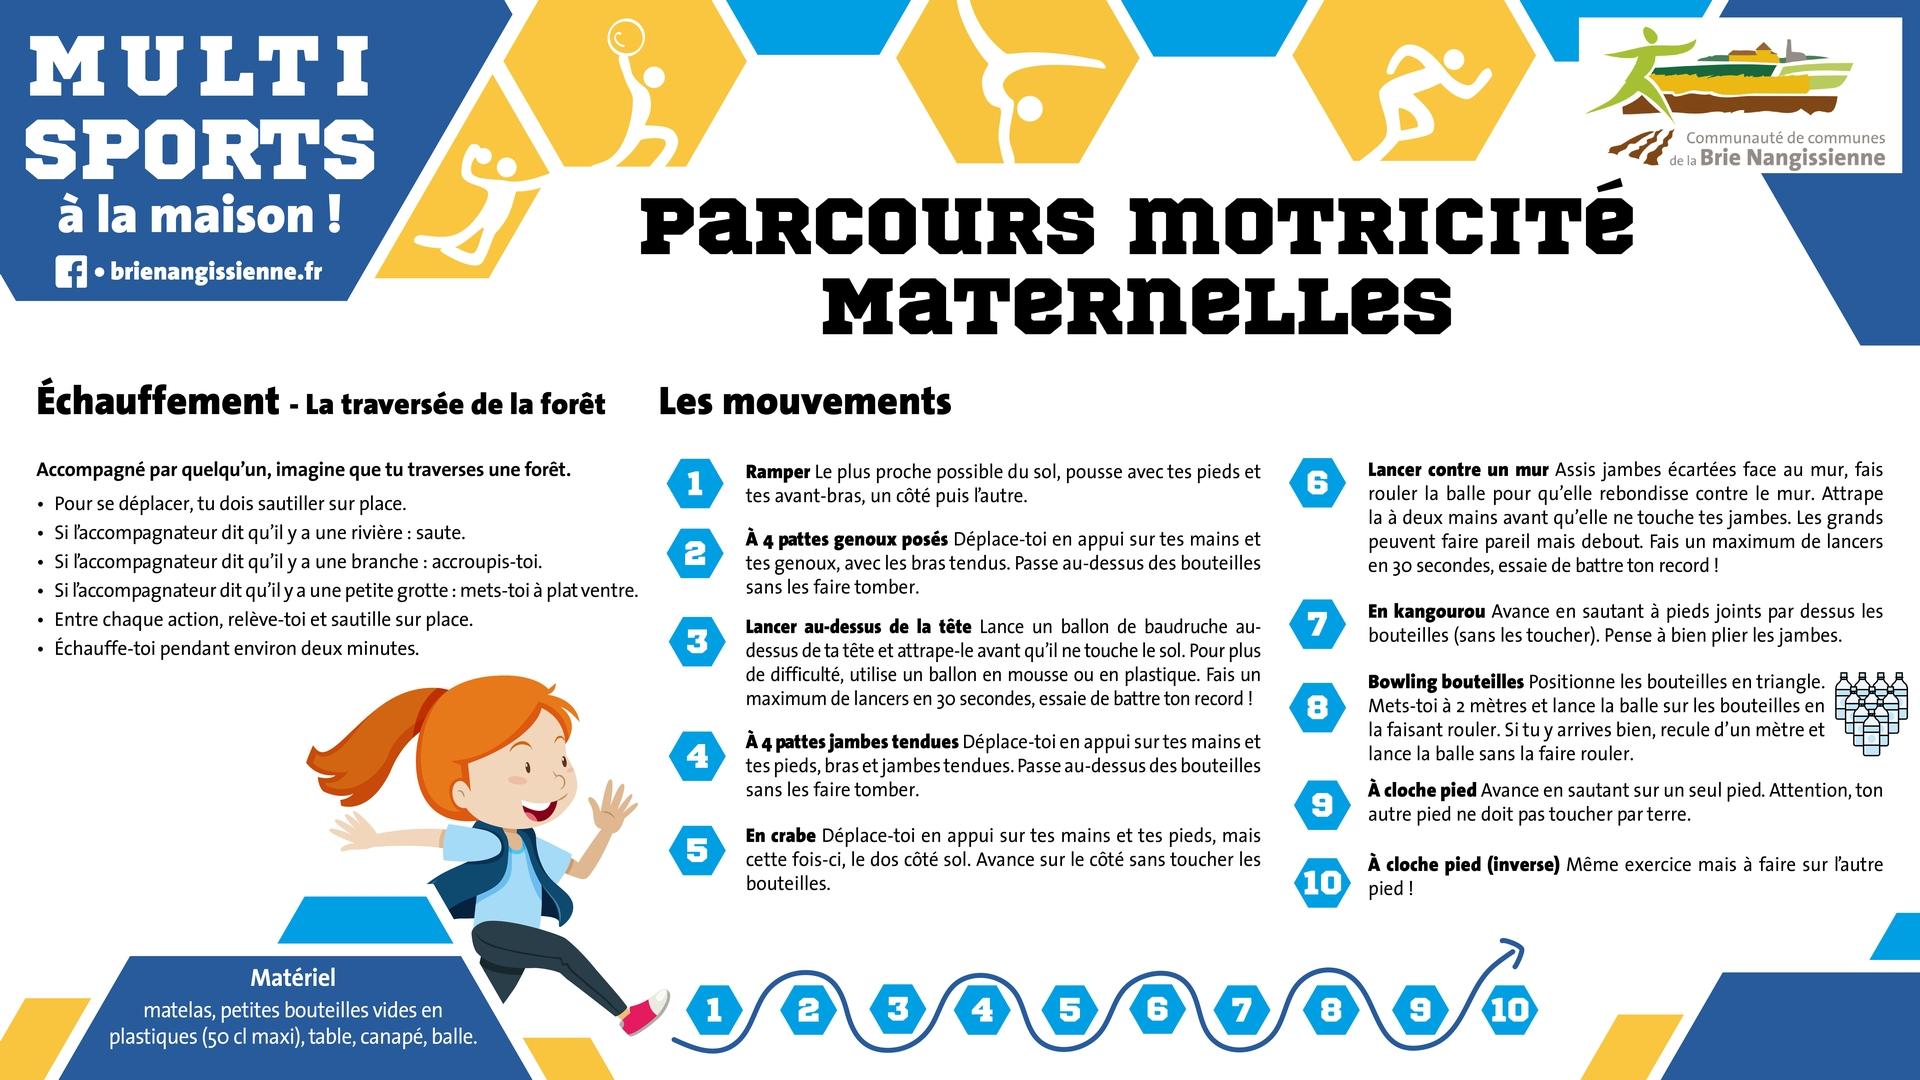 Activité #12 Motricité maternelles - FICHE